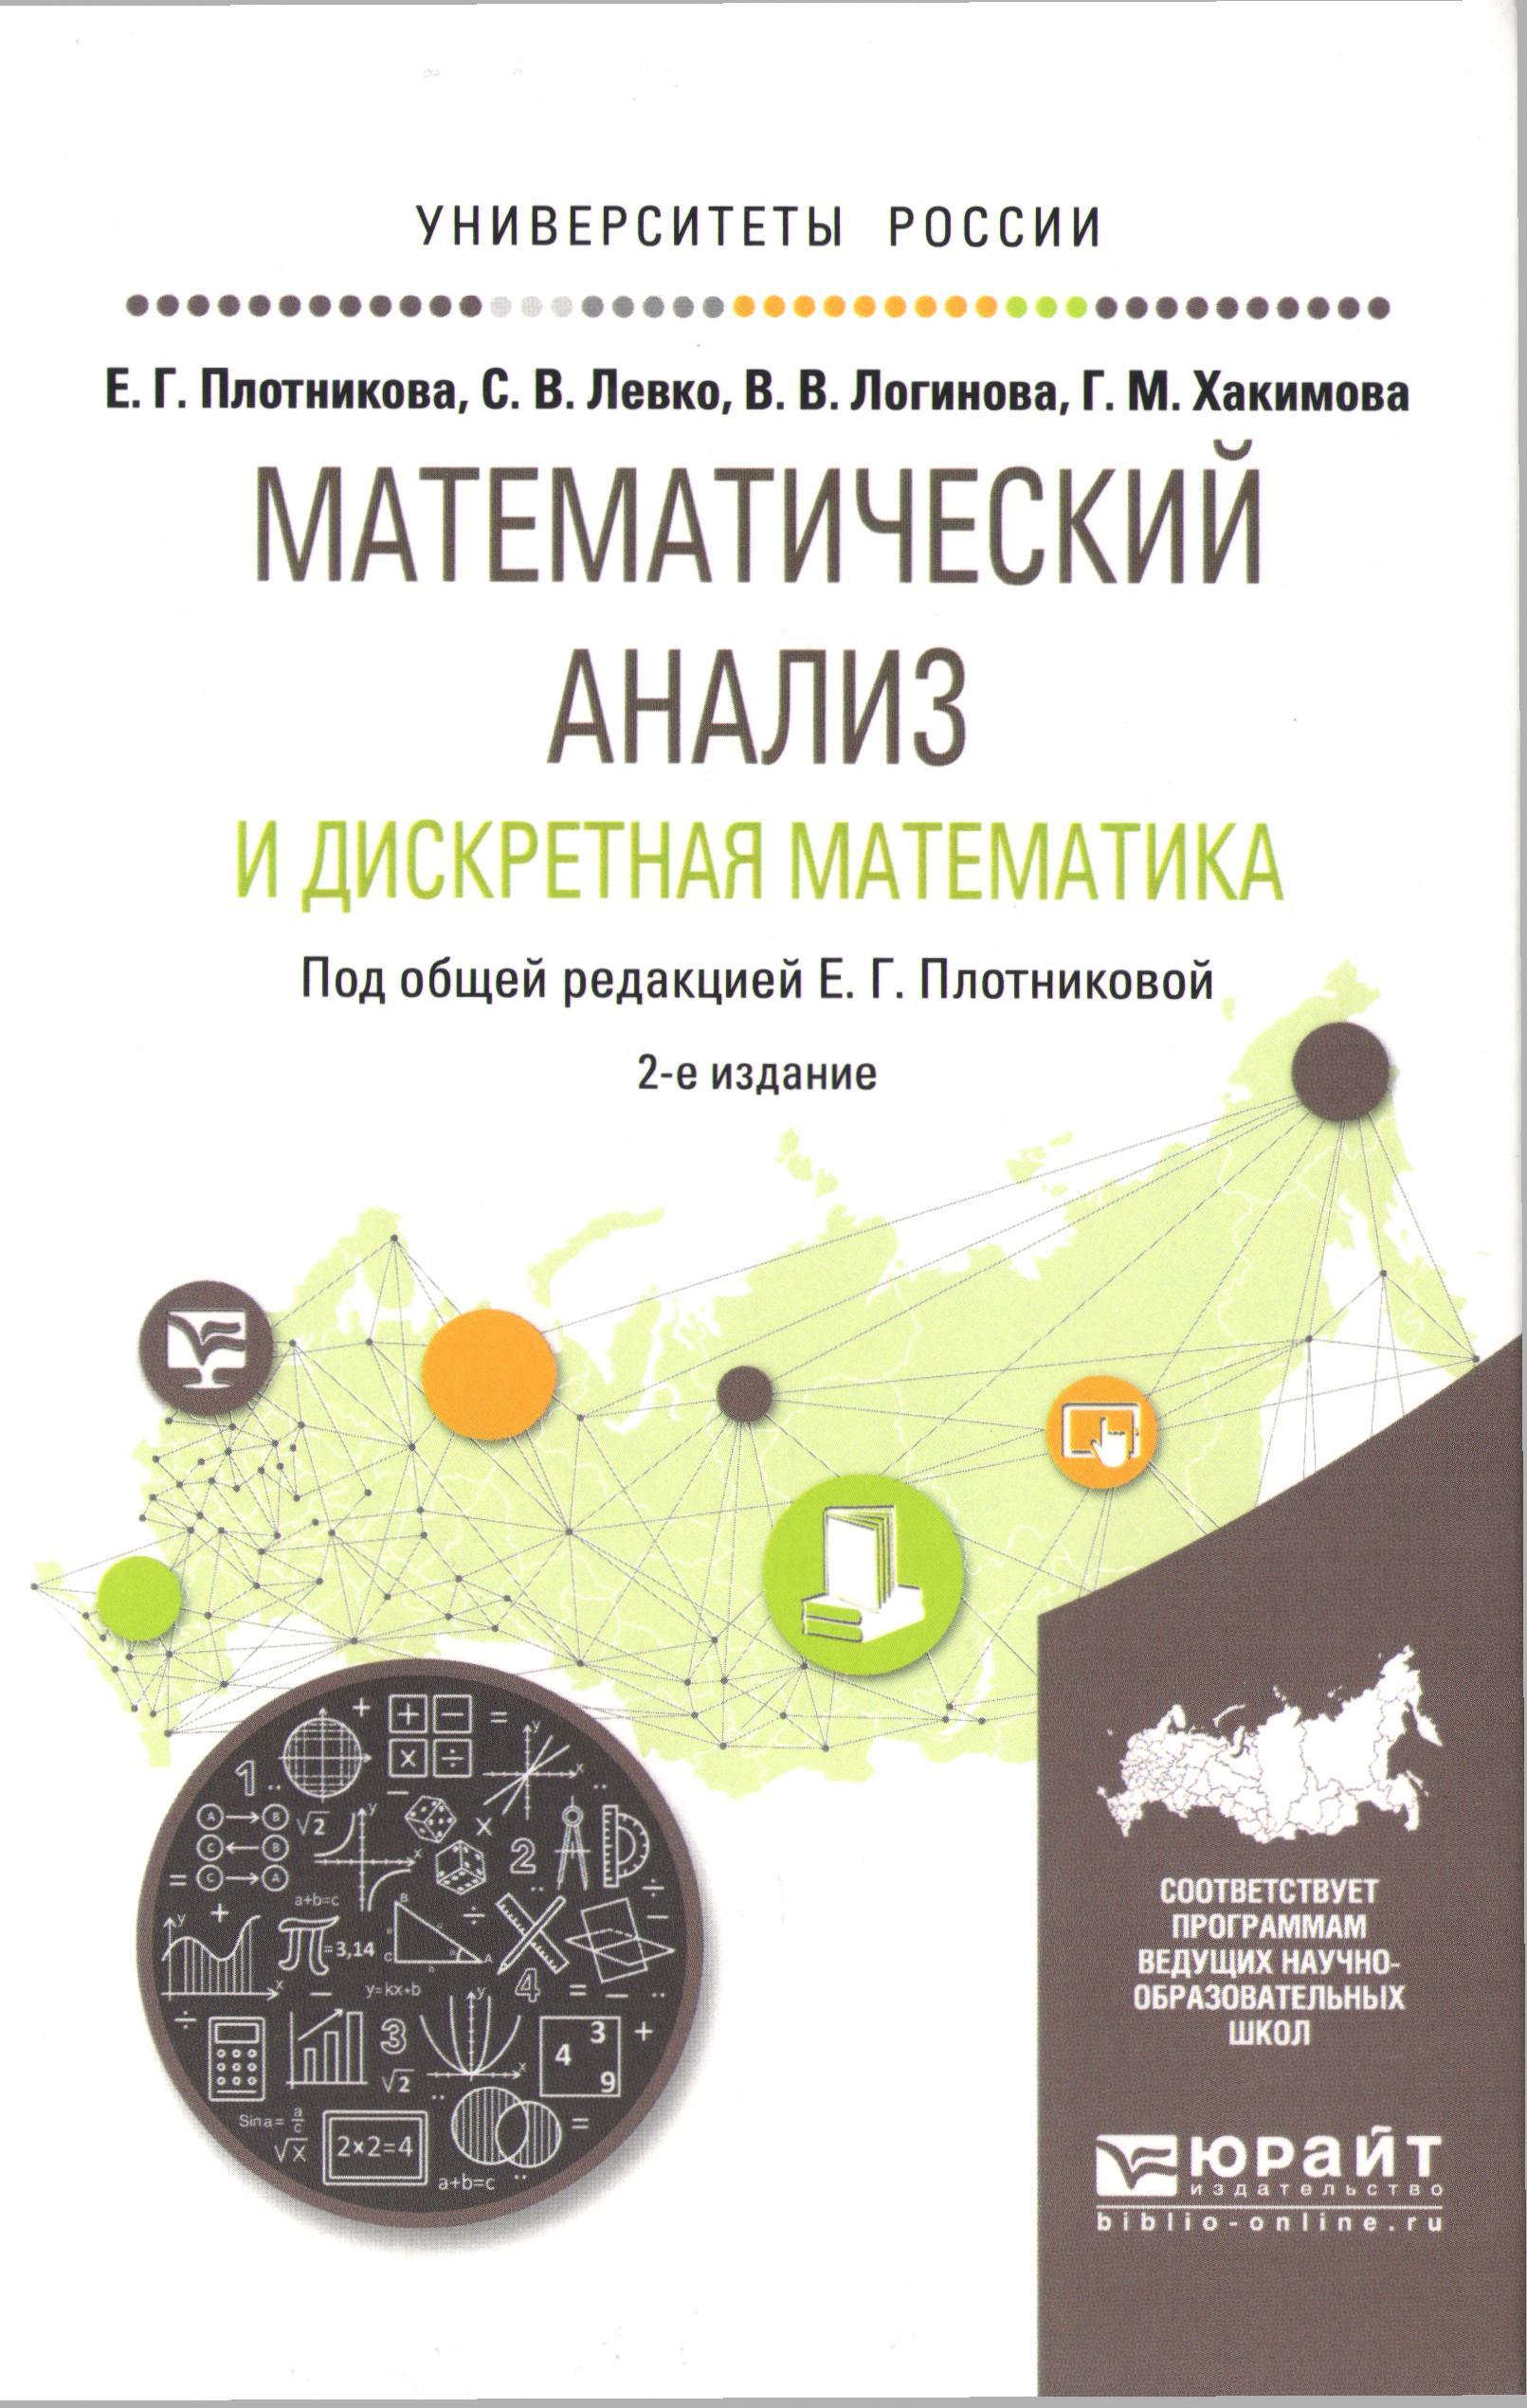 Математический анализ и дискретная математика: учебное пособие для вузов